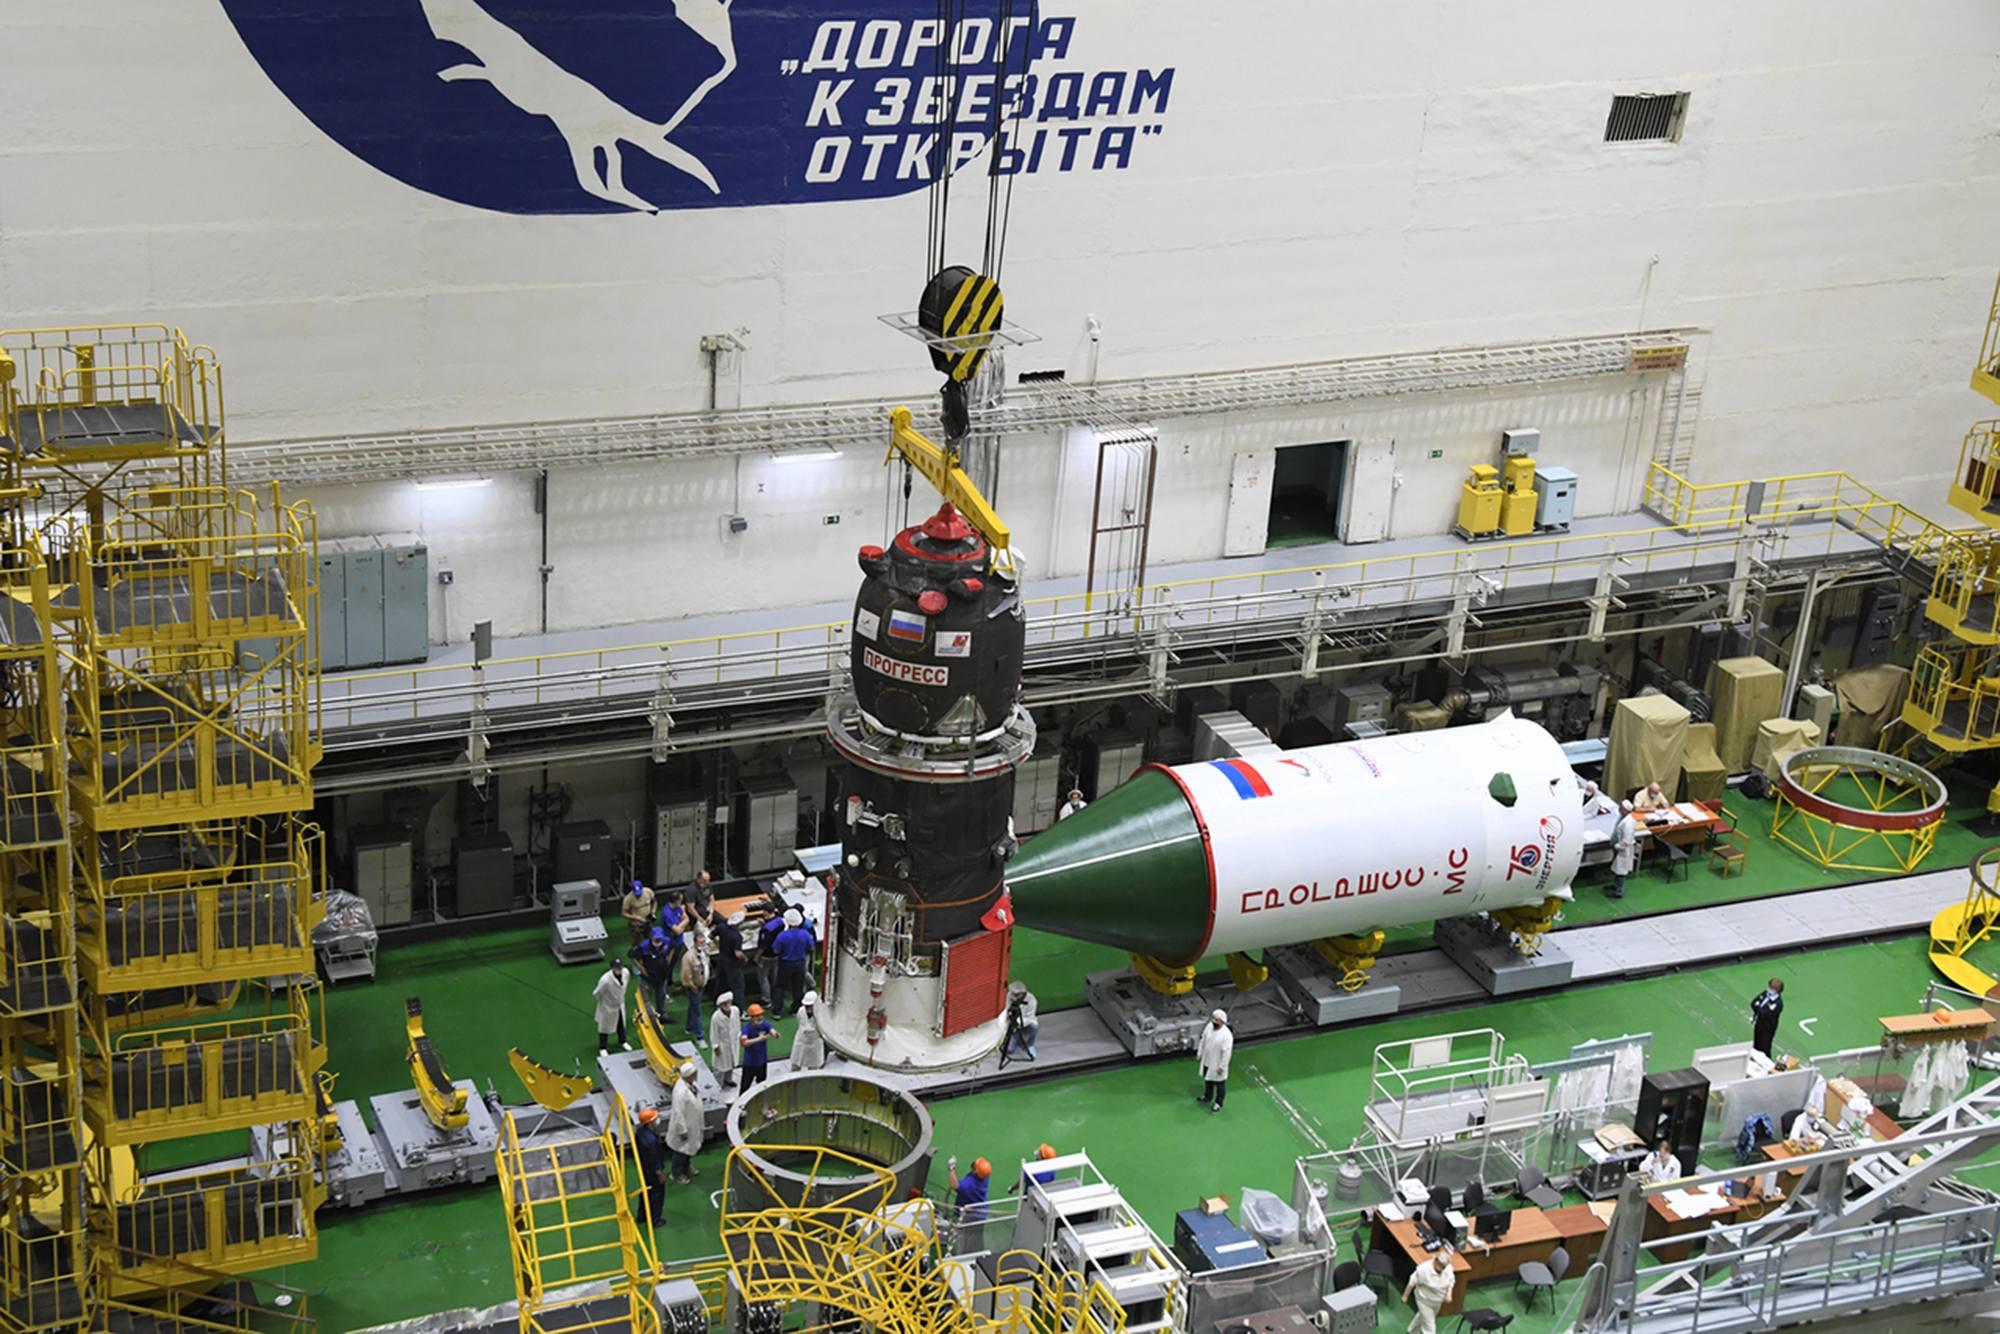 Le cargo va ensuite être déposé sur le compartiment d'adaptation au lanceur.